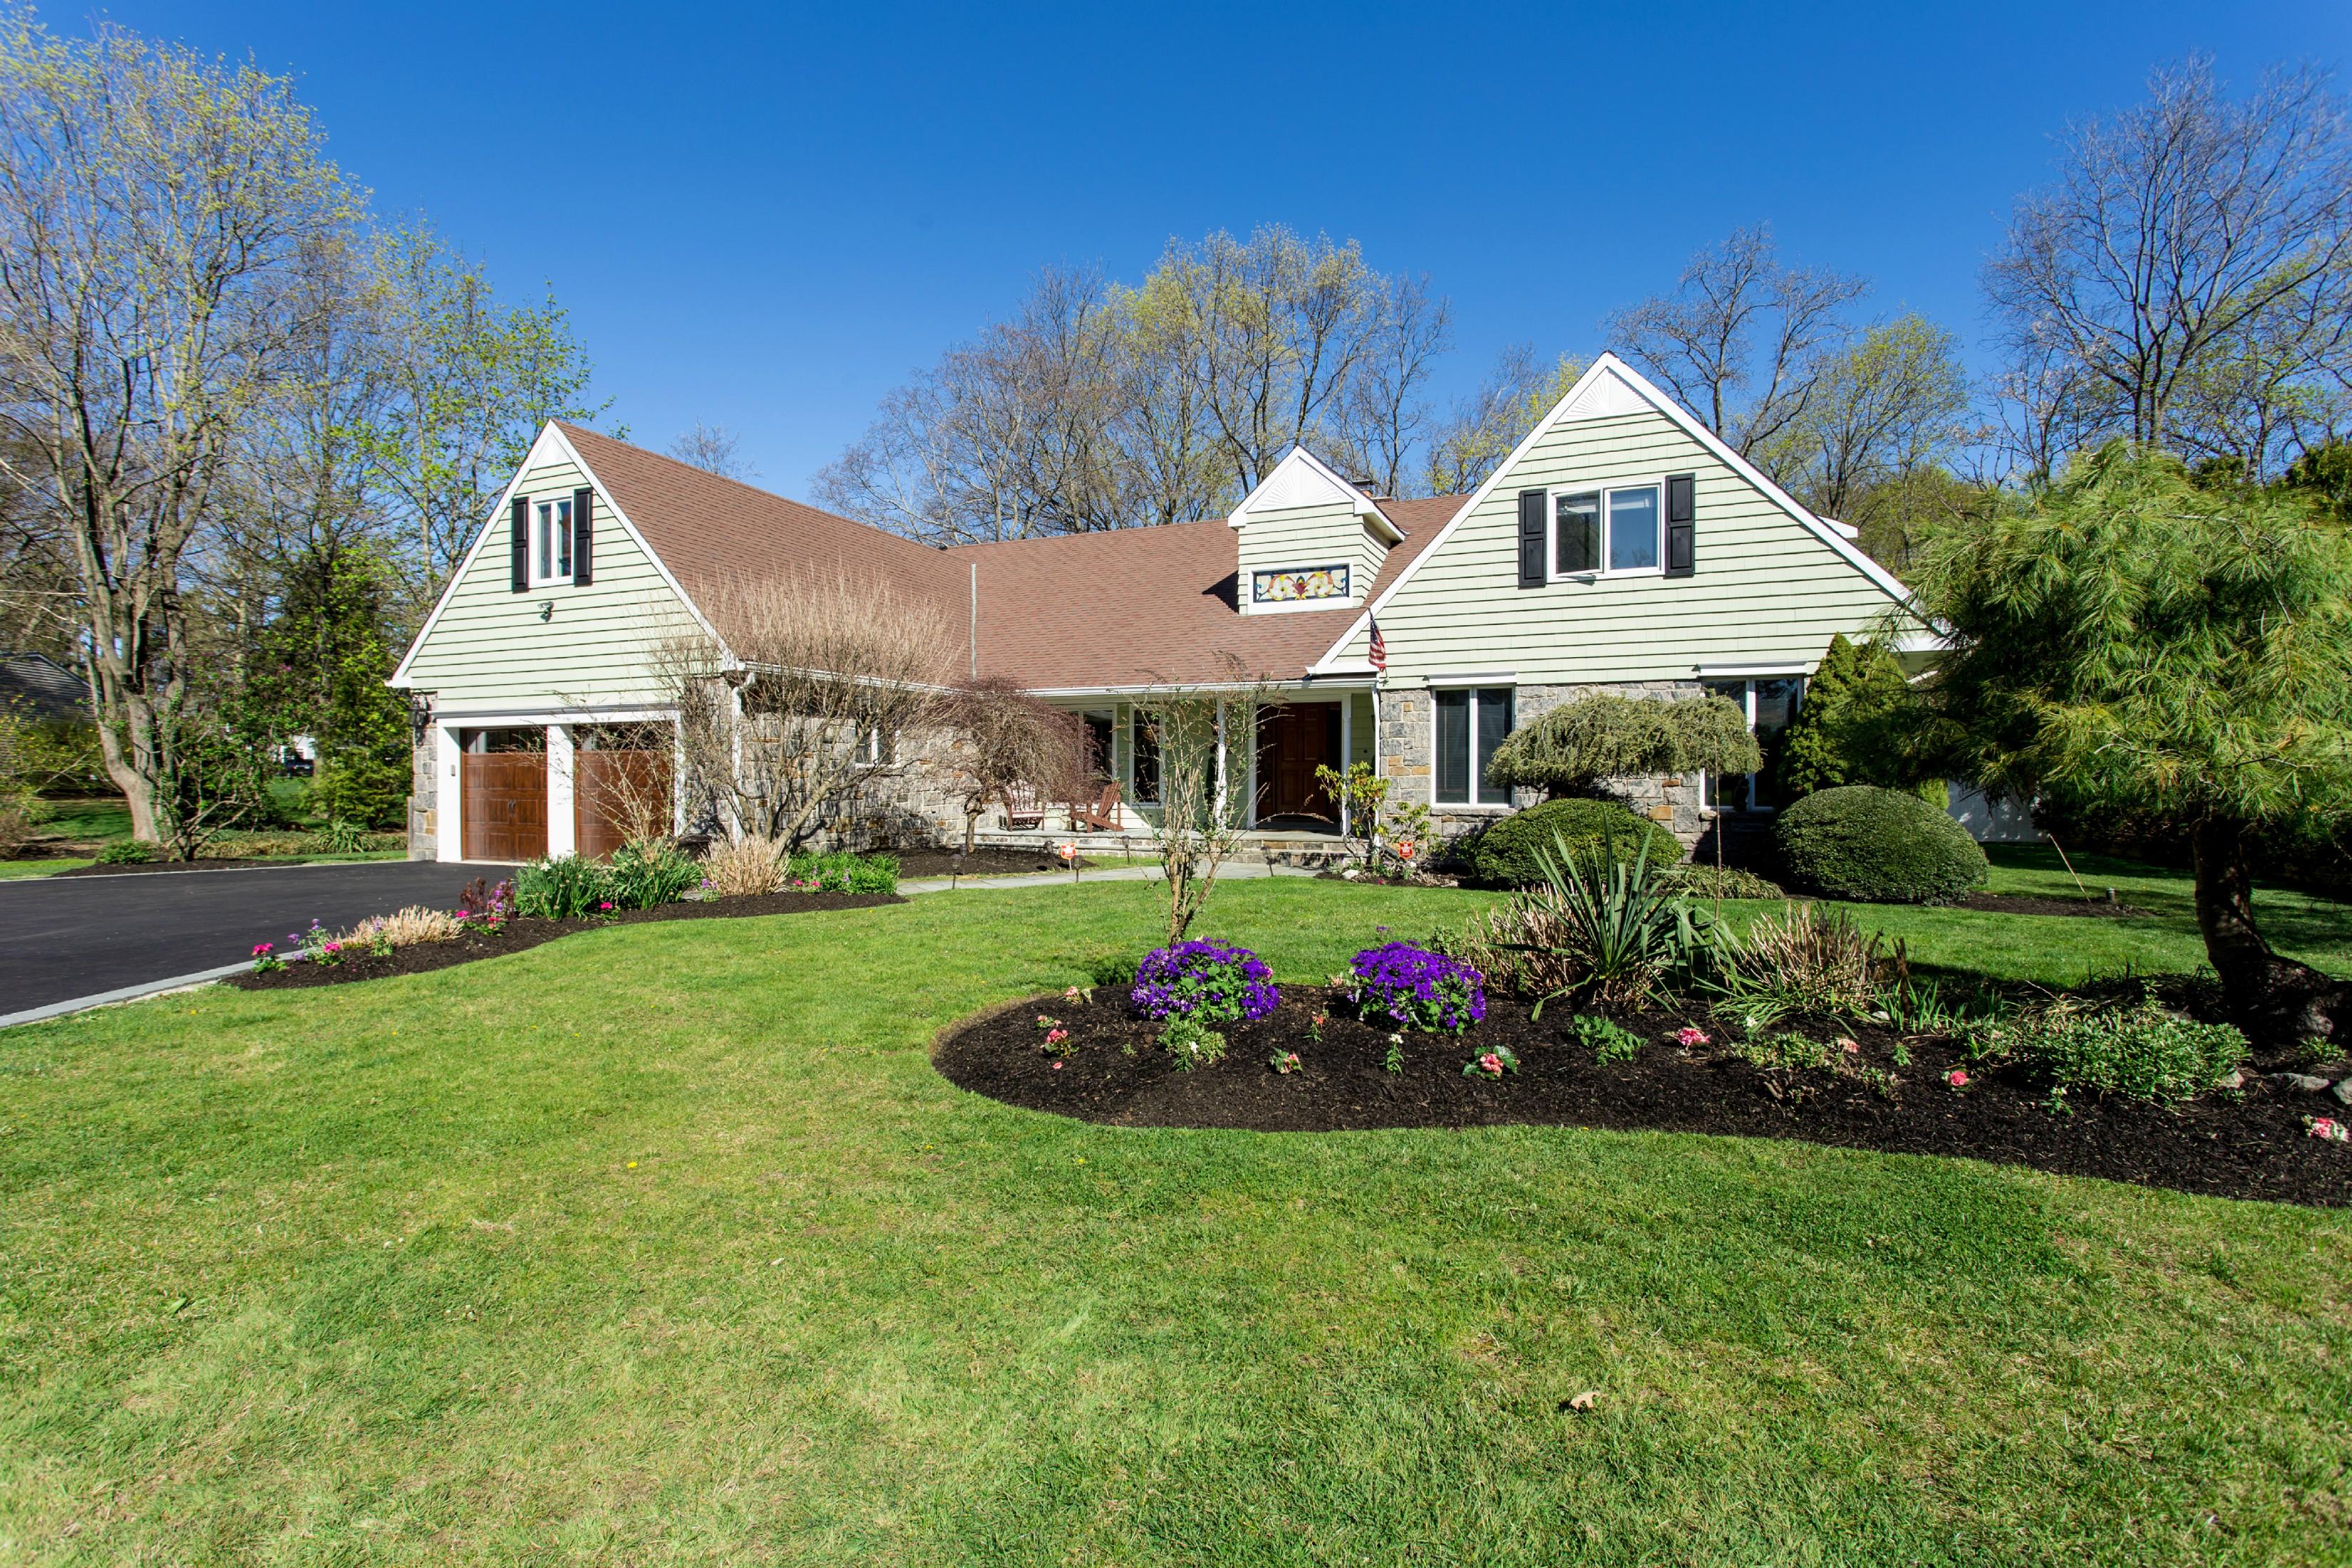 Villa per Vendita alle ore Colonial 12 Wyona Ct Huntington, New York, 11743 Stati Uniti